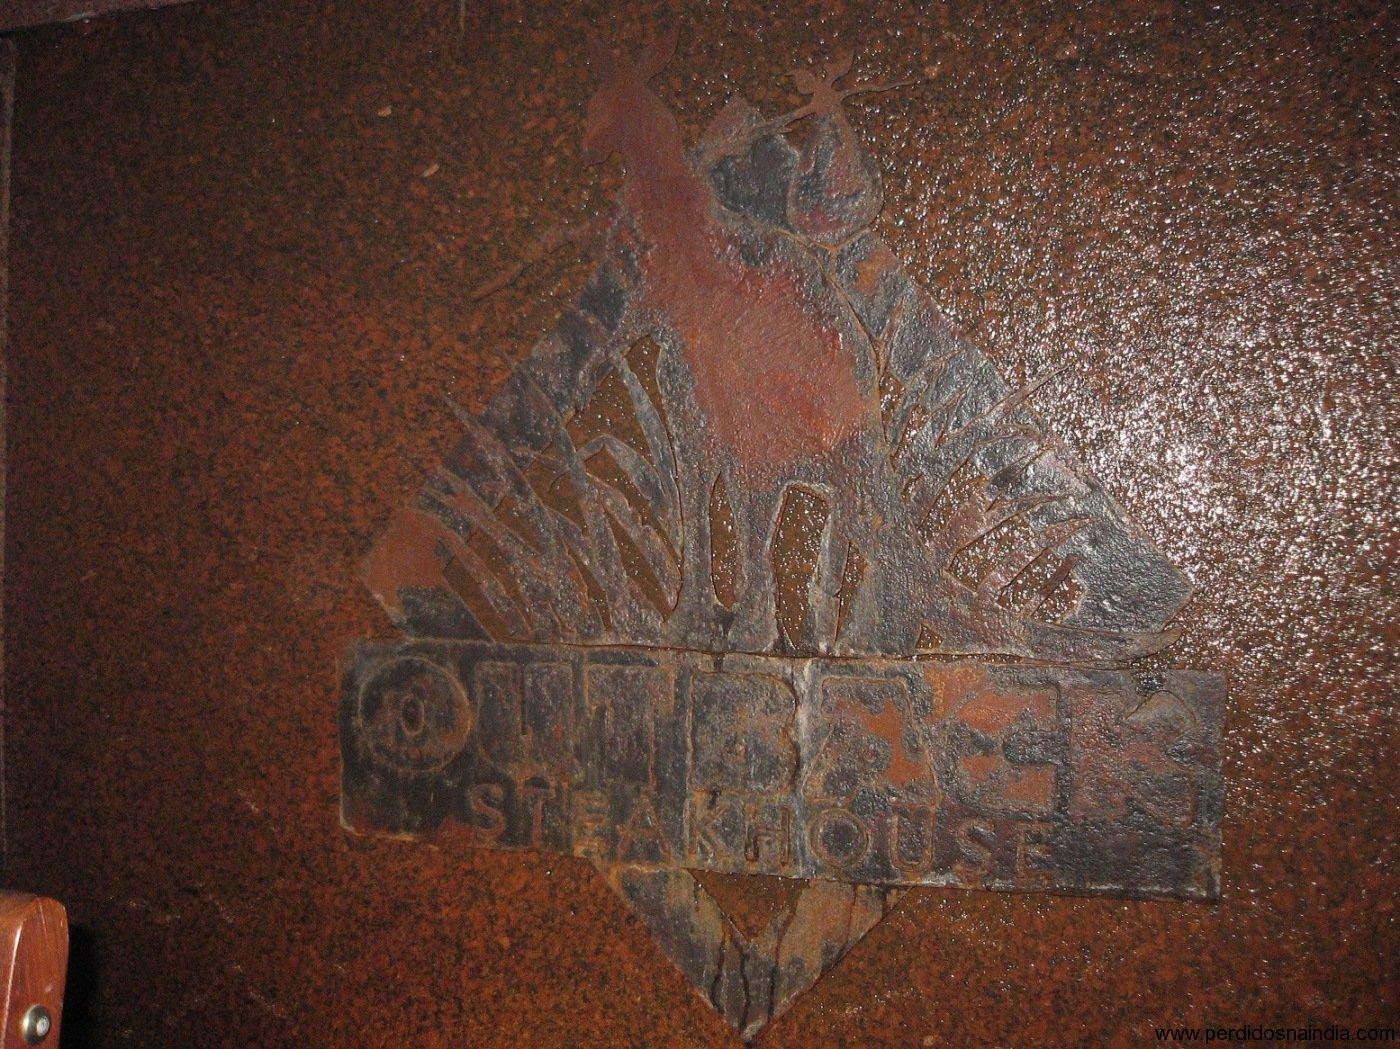 Símbolo do Outback